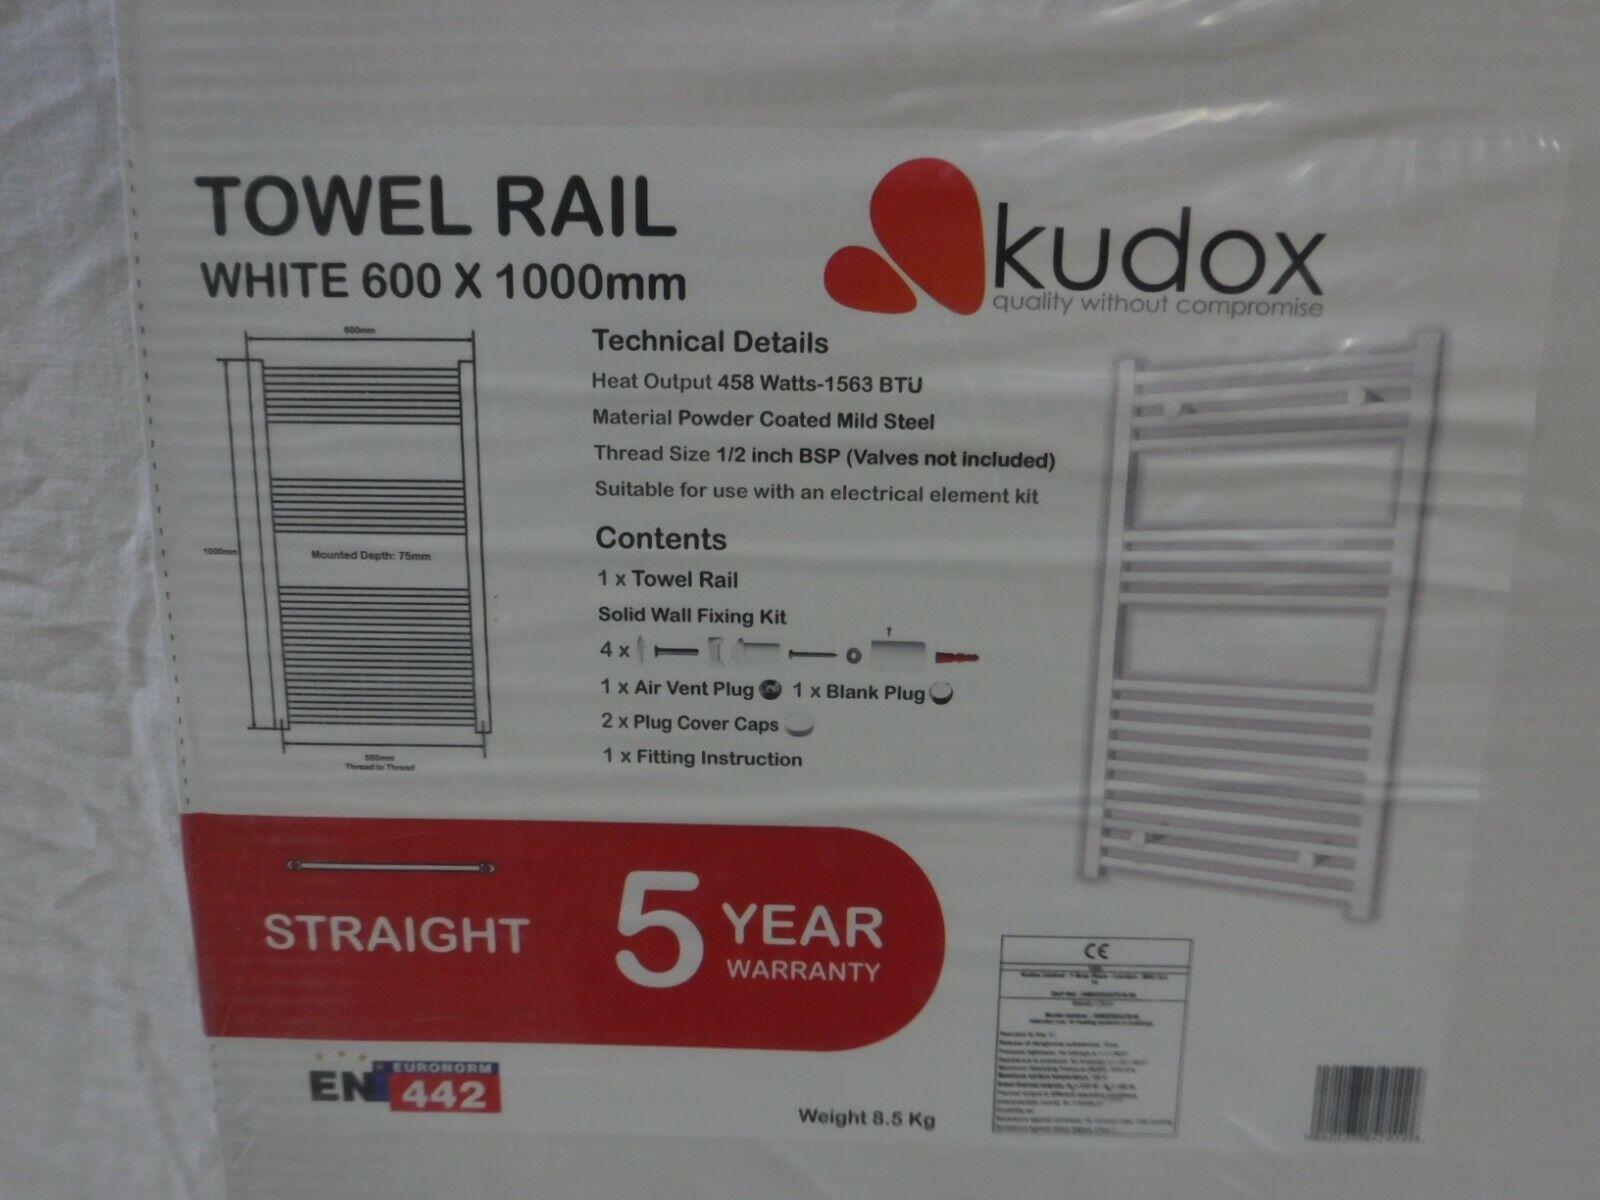 Kudox Towel Rail